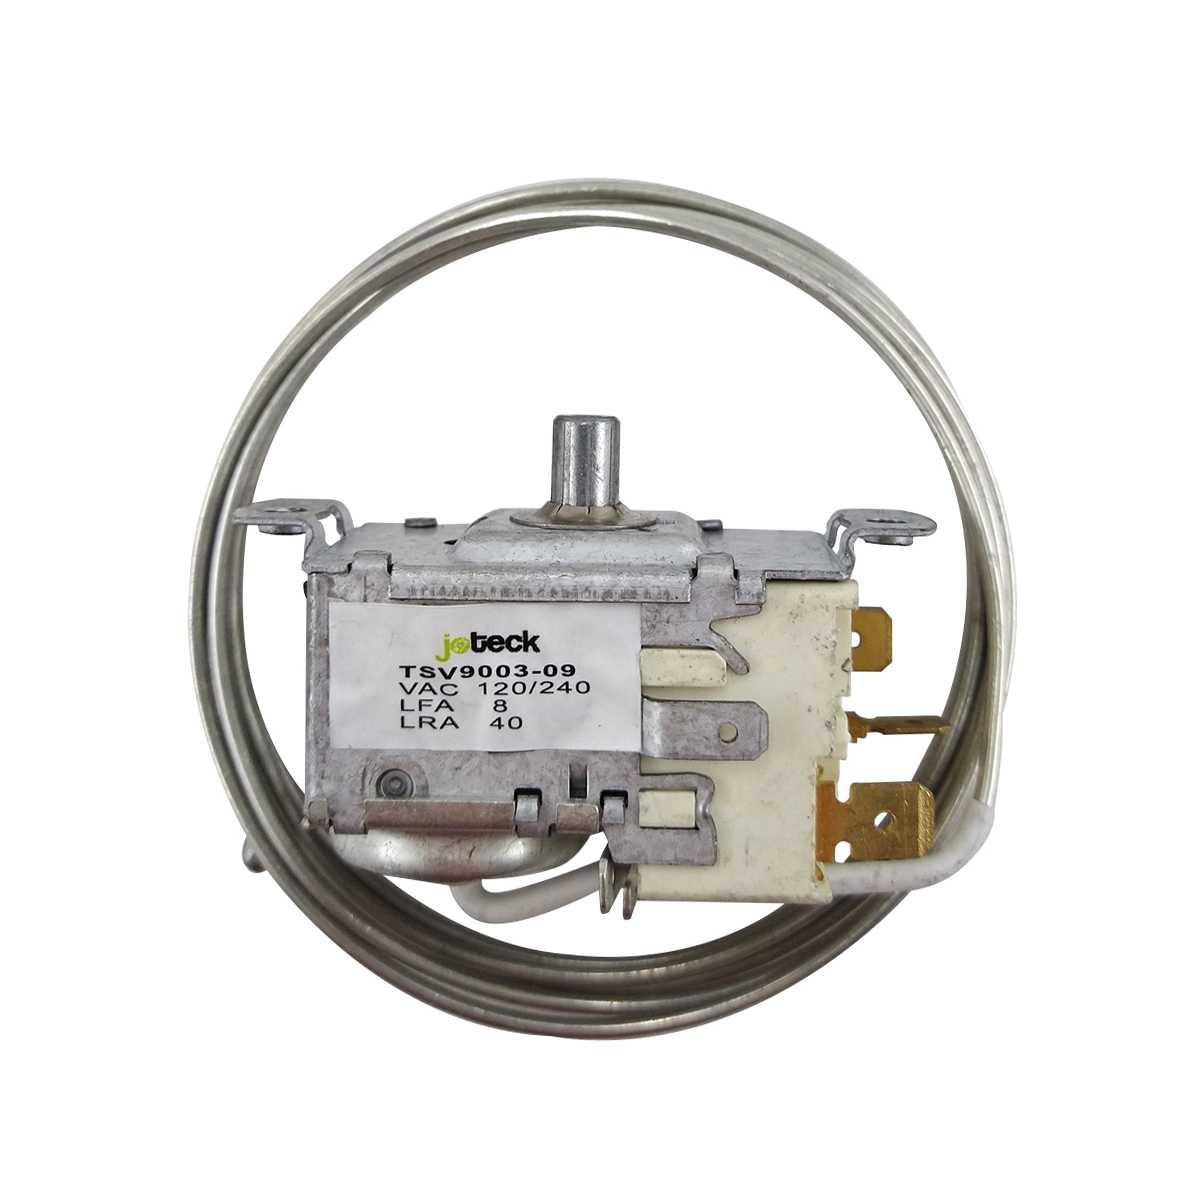 Termostato geladeira Electrolux TSV9003-09 DC38, DC46, DC48, DCW50, DC49A, DCW49, DC50X, DC47A, DC51, DC50, DC51X